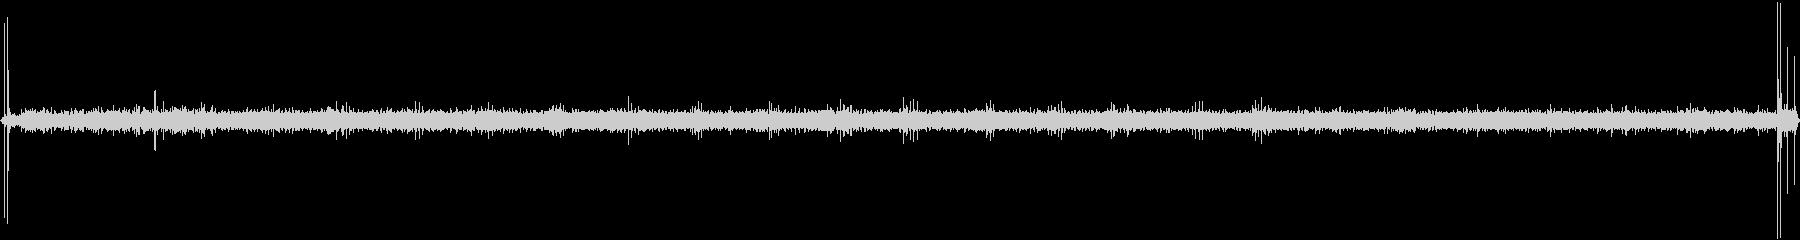 ビンテージシカゴワイヤーレコーダー...の未再生の波形